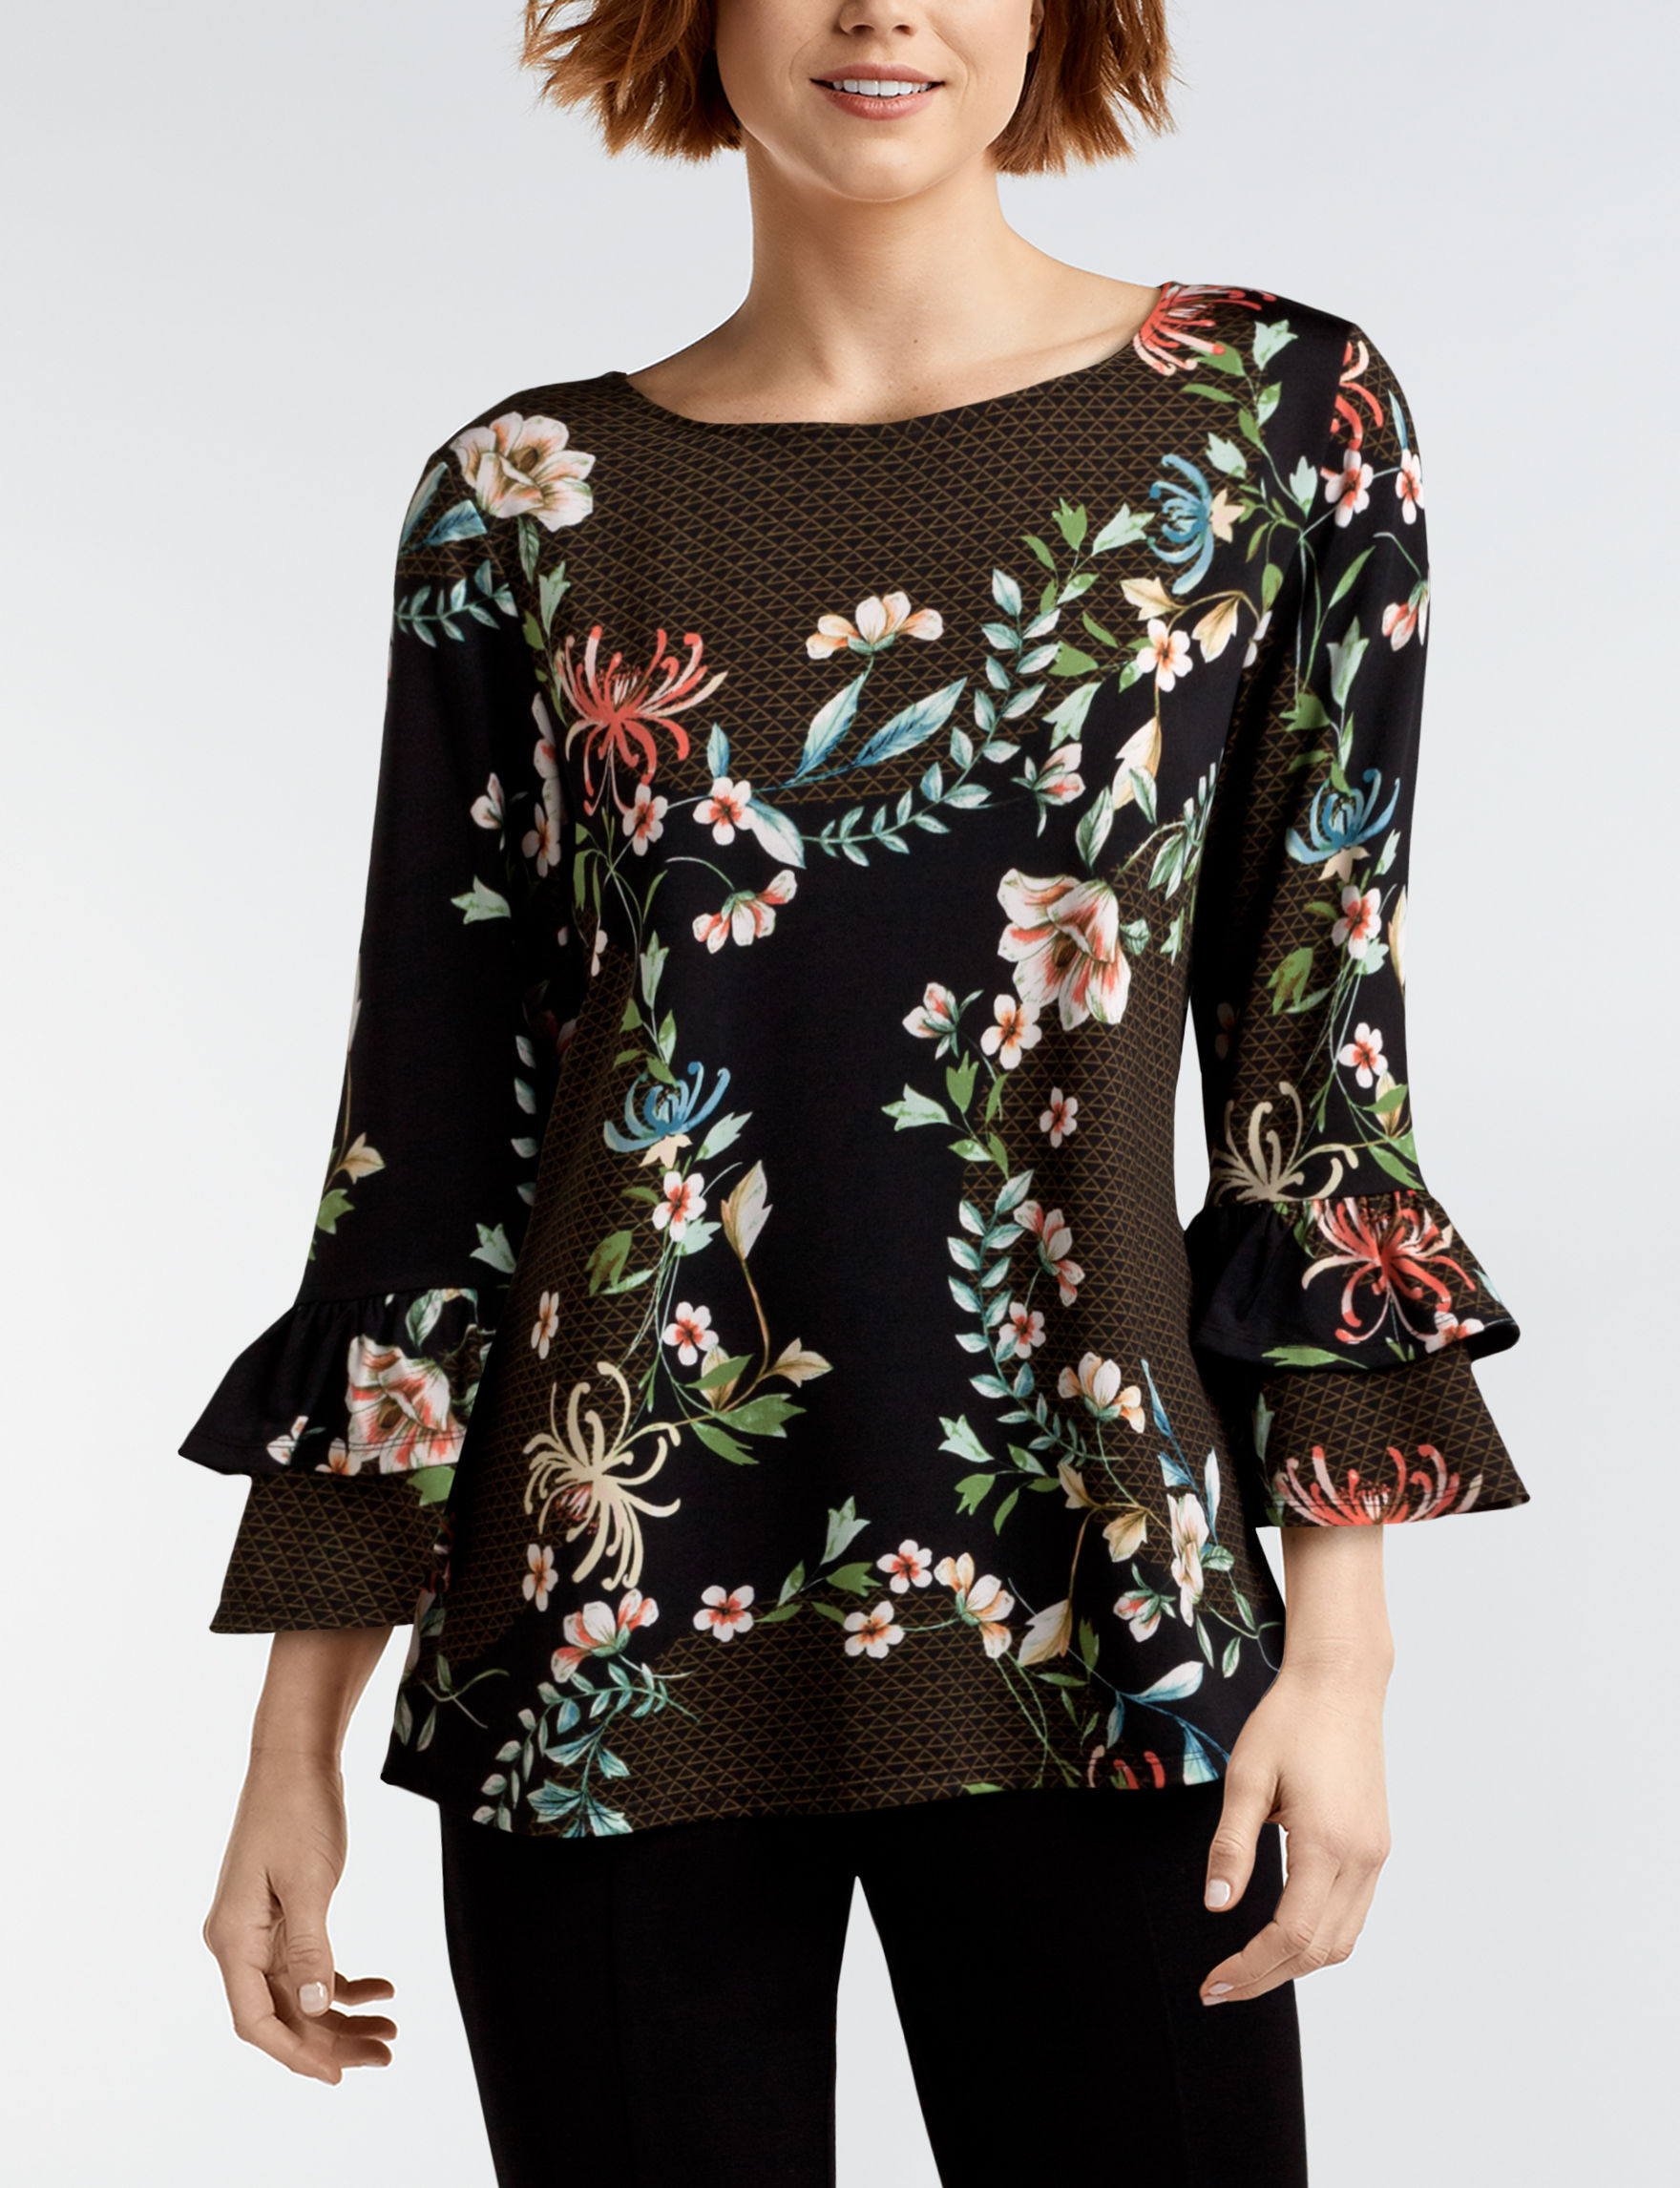 Valerie Stevens Grey Shirts & Blouses